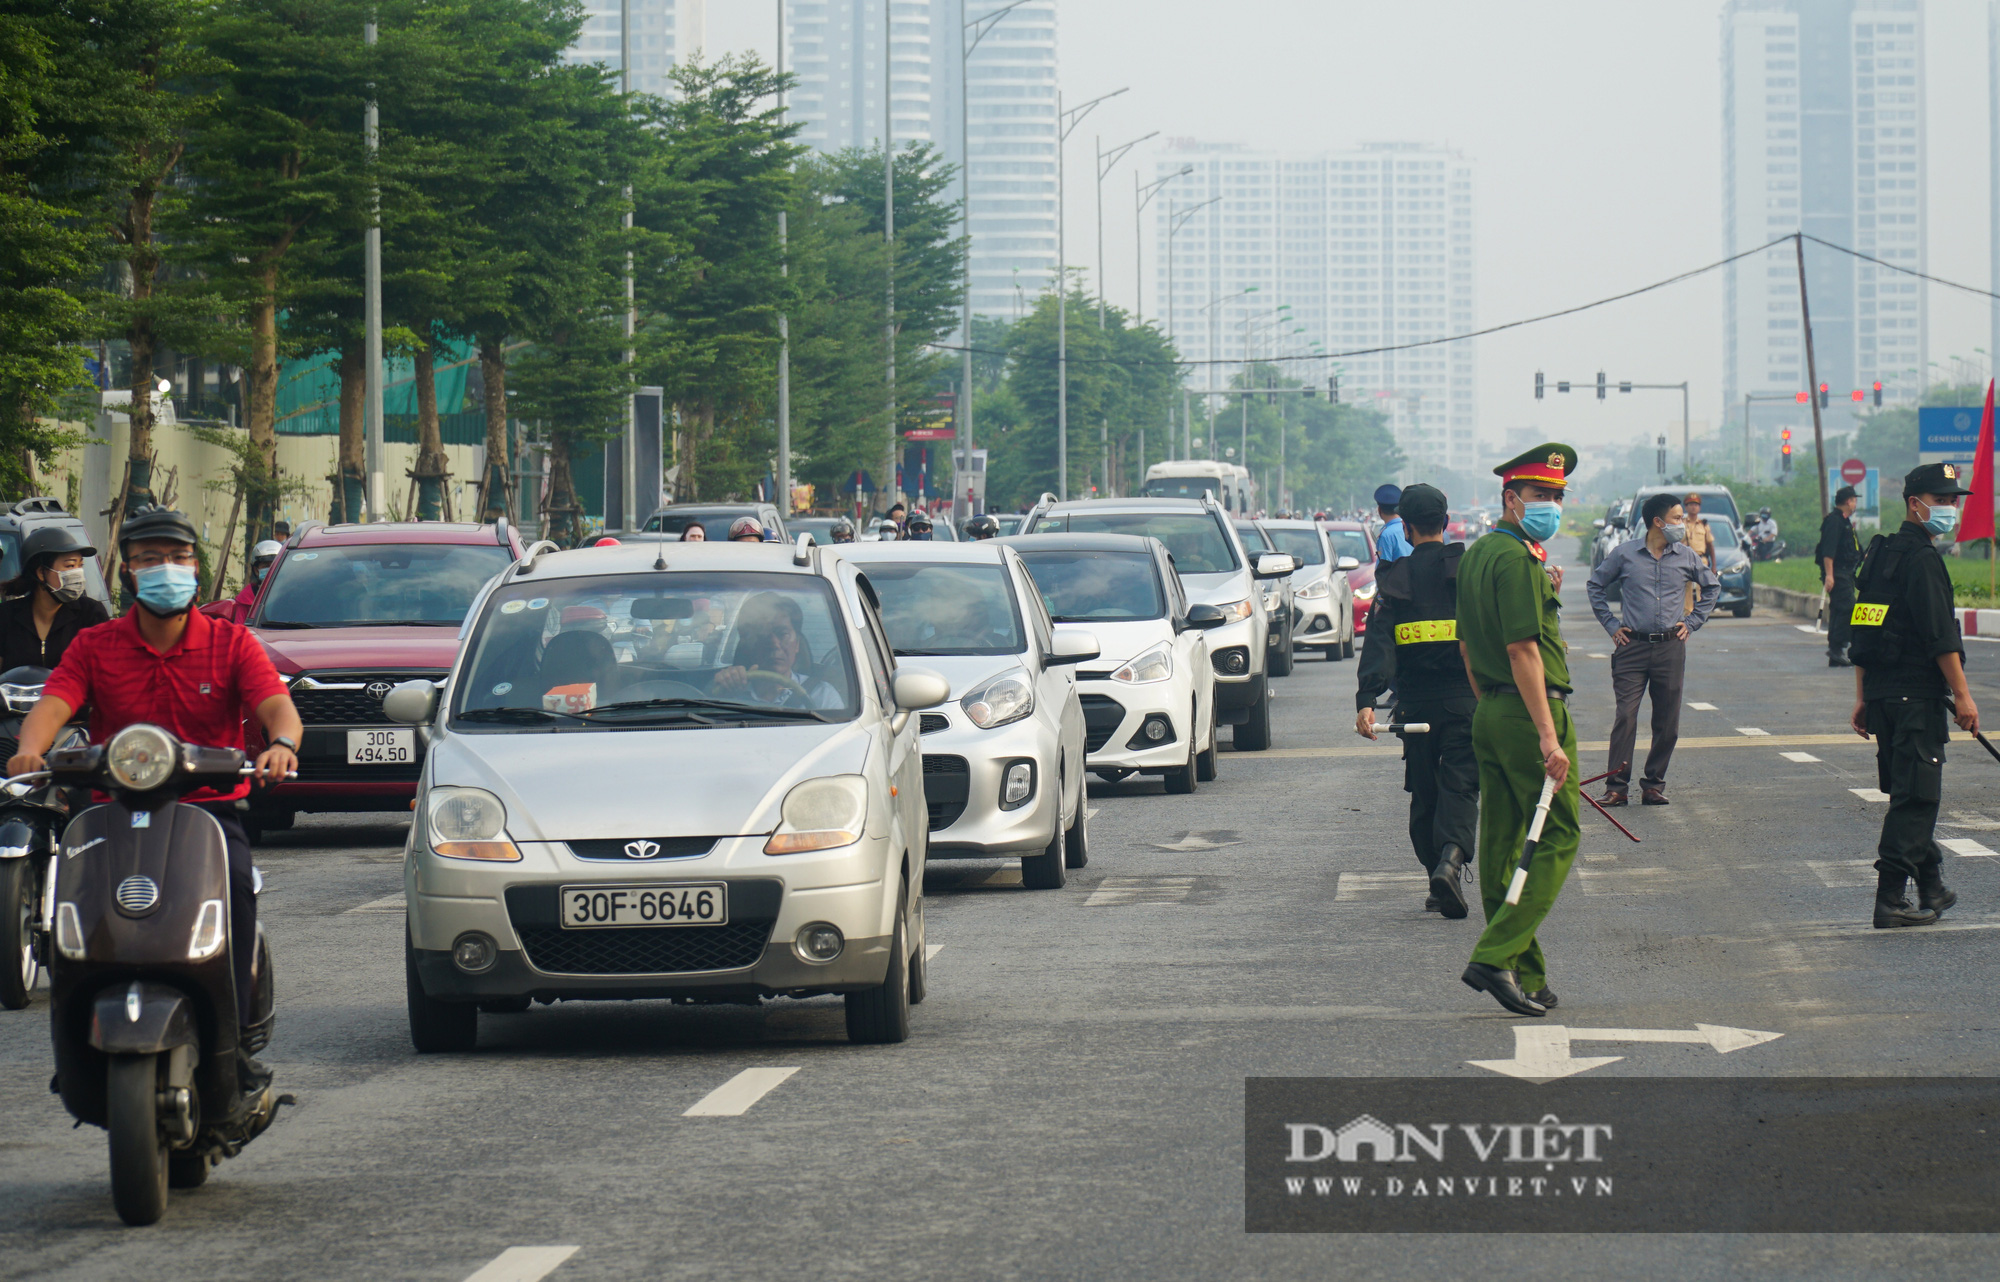 Bí thư Hà Nội dự lễ thông xe cầu vượt Nguyễn Văn Huyên - Hoàng Quốc Việt - Ảnh 6.